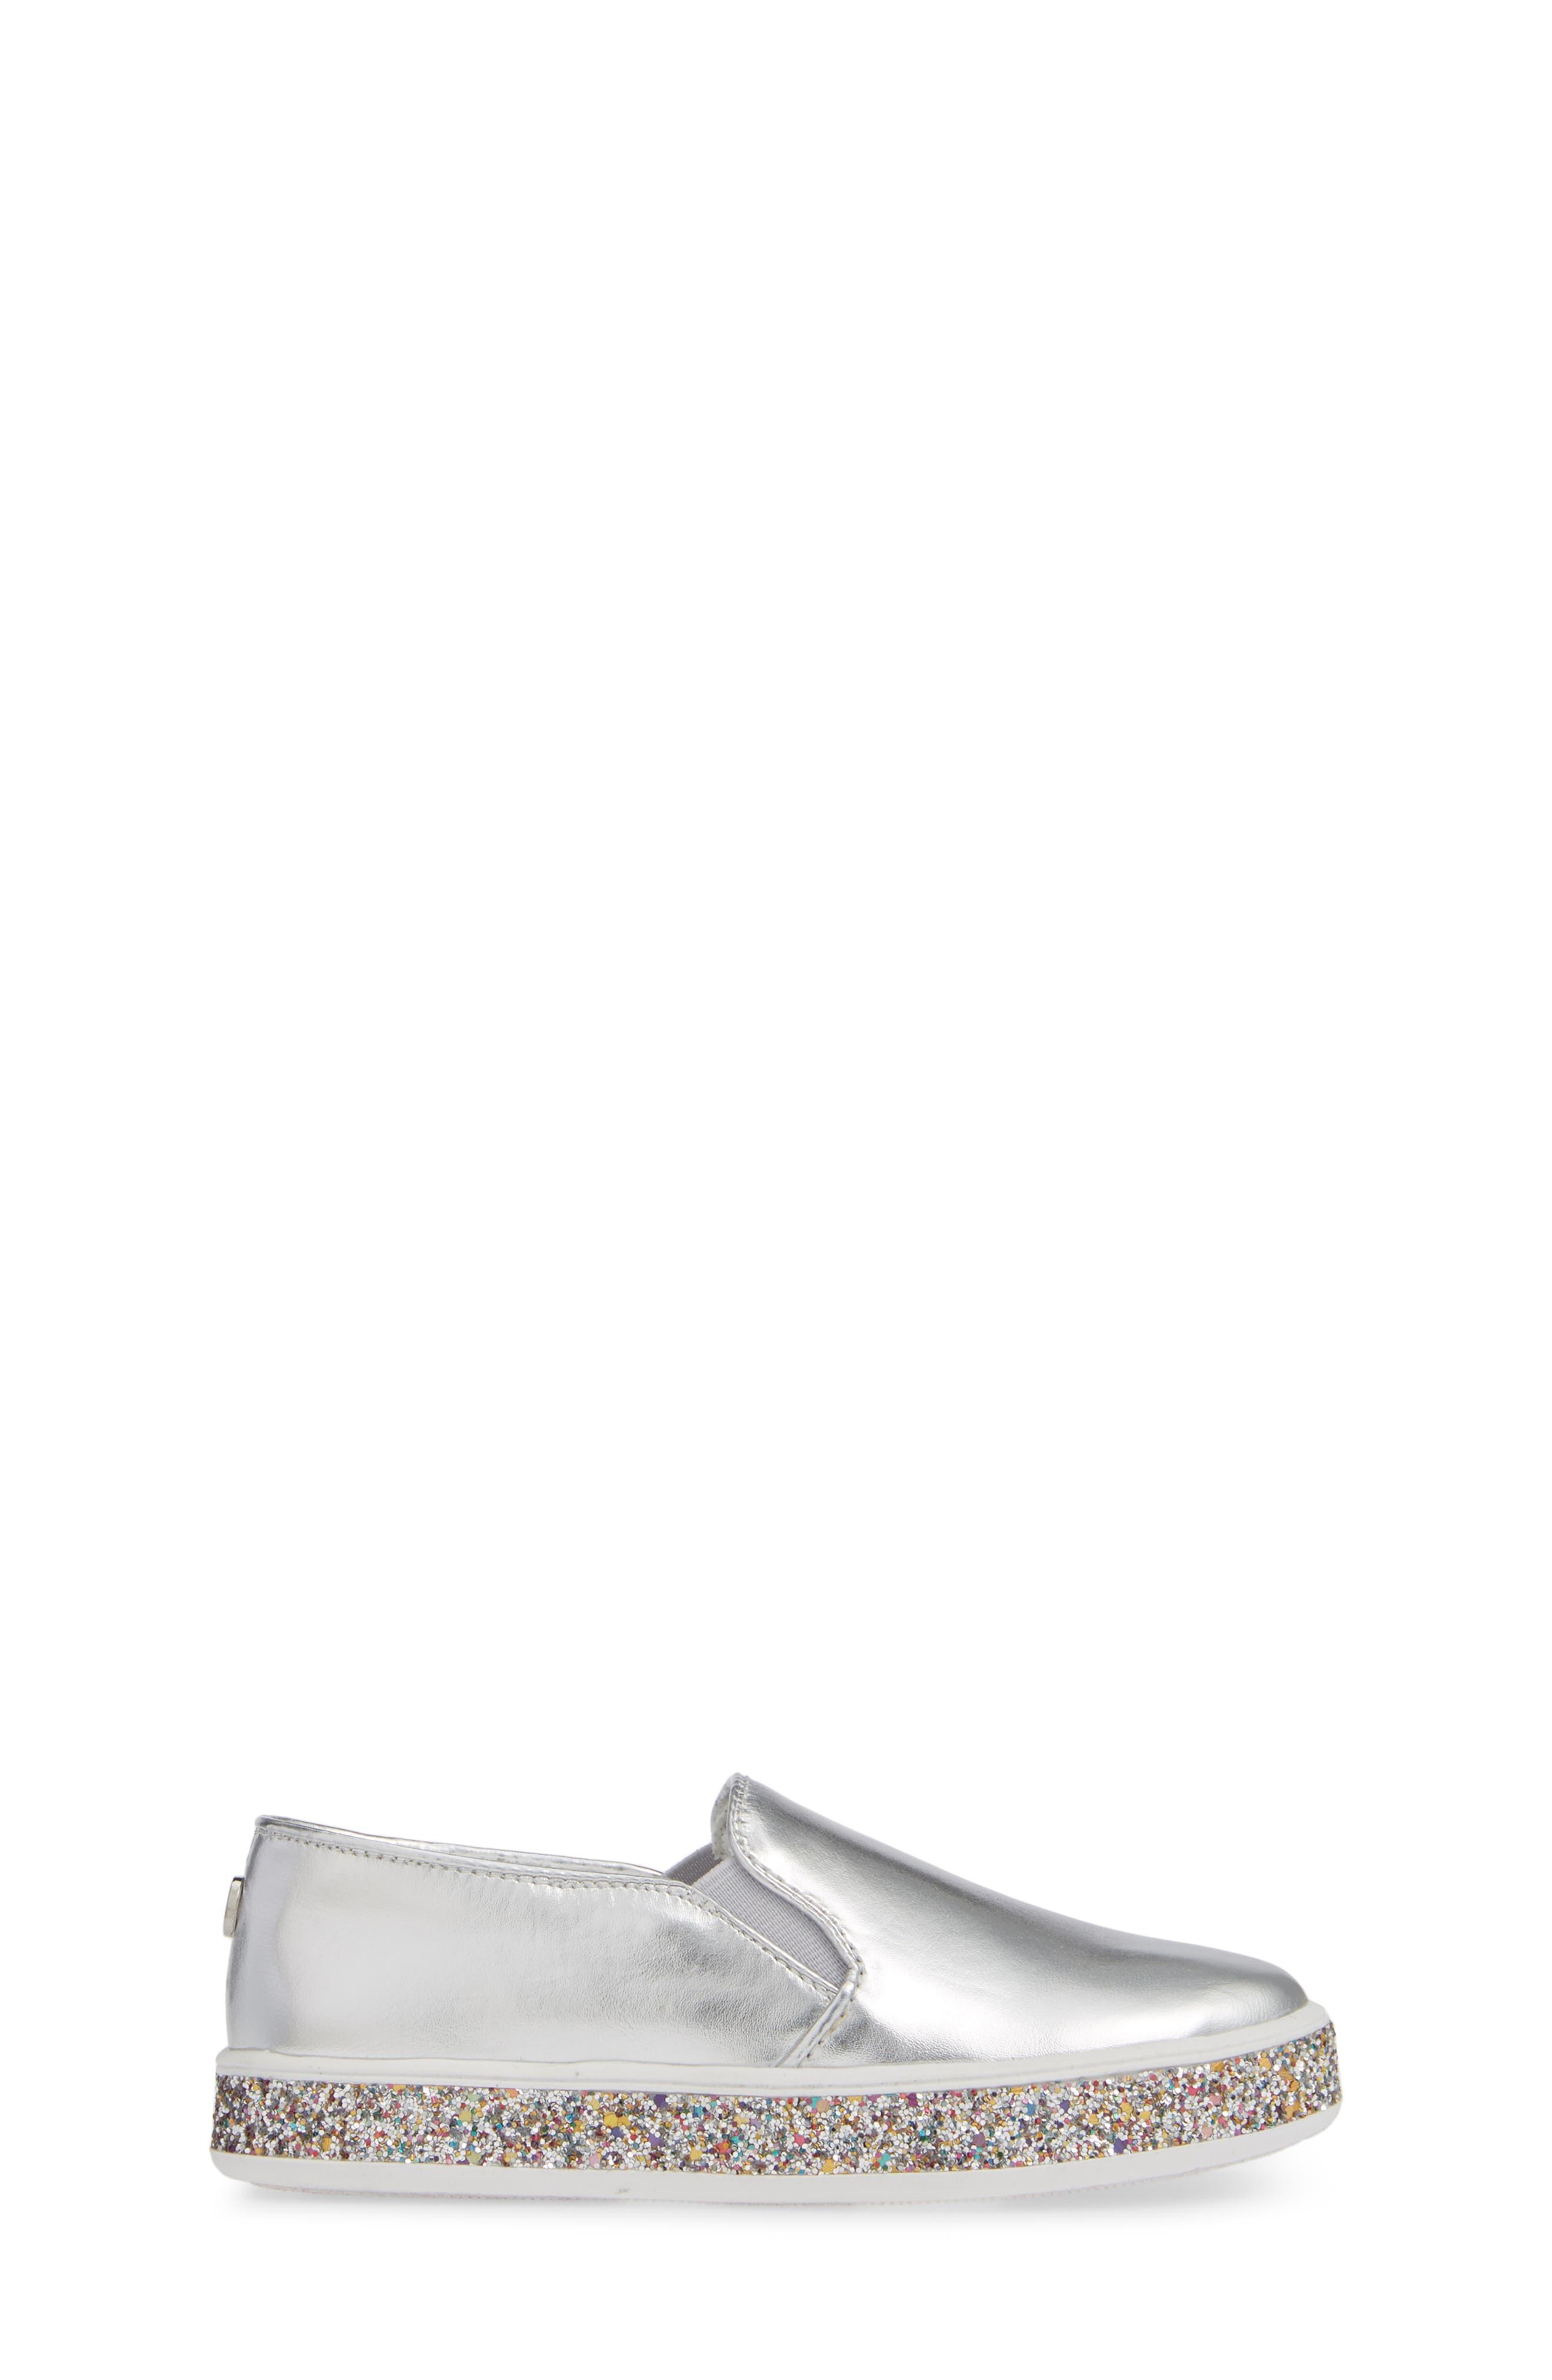 Jglorie Glitter Slip-On Sneaker,                             Alternate thumbnail 3, color,                             SILVER